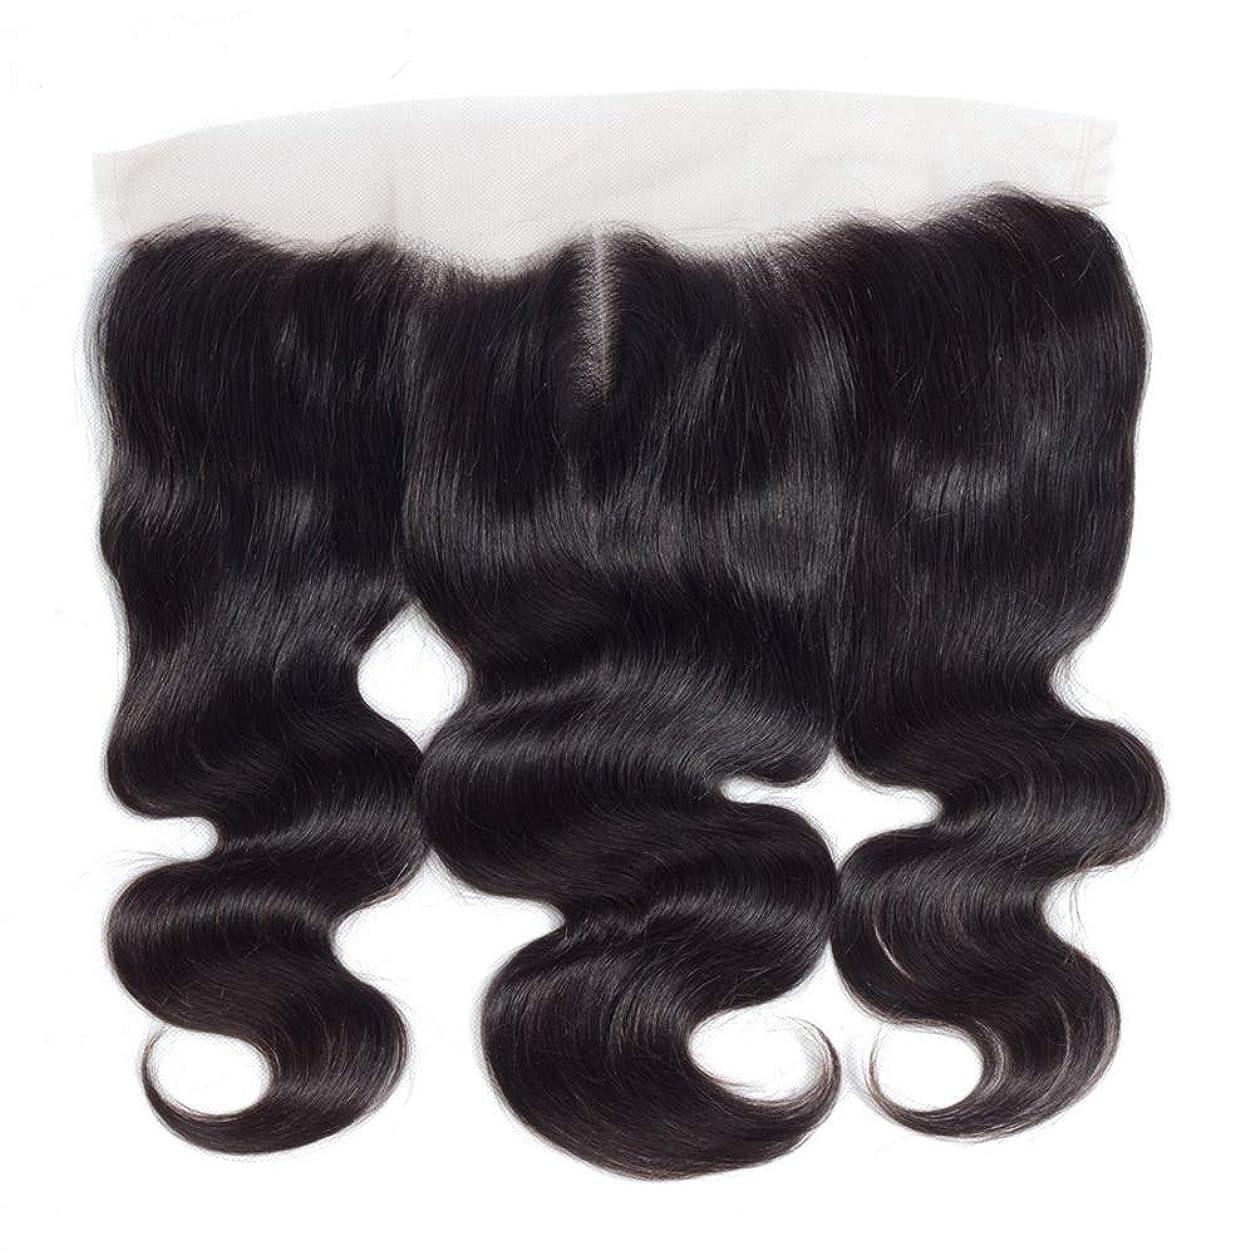 ずんぐりしたもろいパスYrattary 13 * 4レース前頭閉鎖人間の髪の毛の部分 - ブラジル実体波トップミドル別れ長い巻き毛のかつら (色 : ブラック, サイズ : 16 inch)